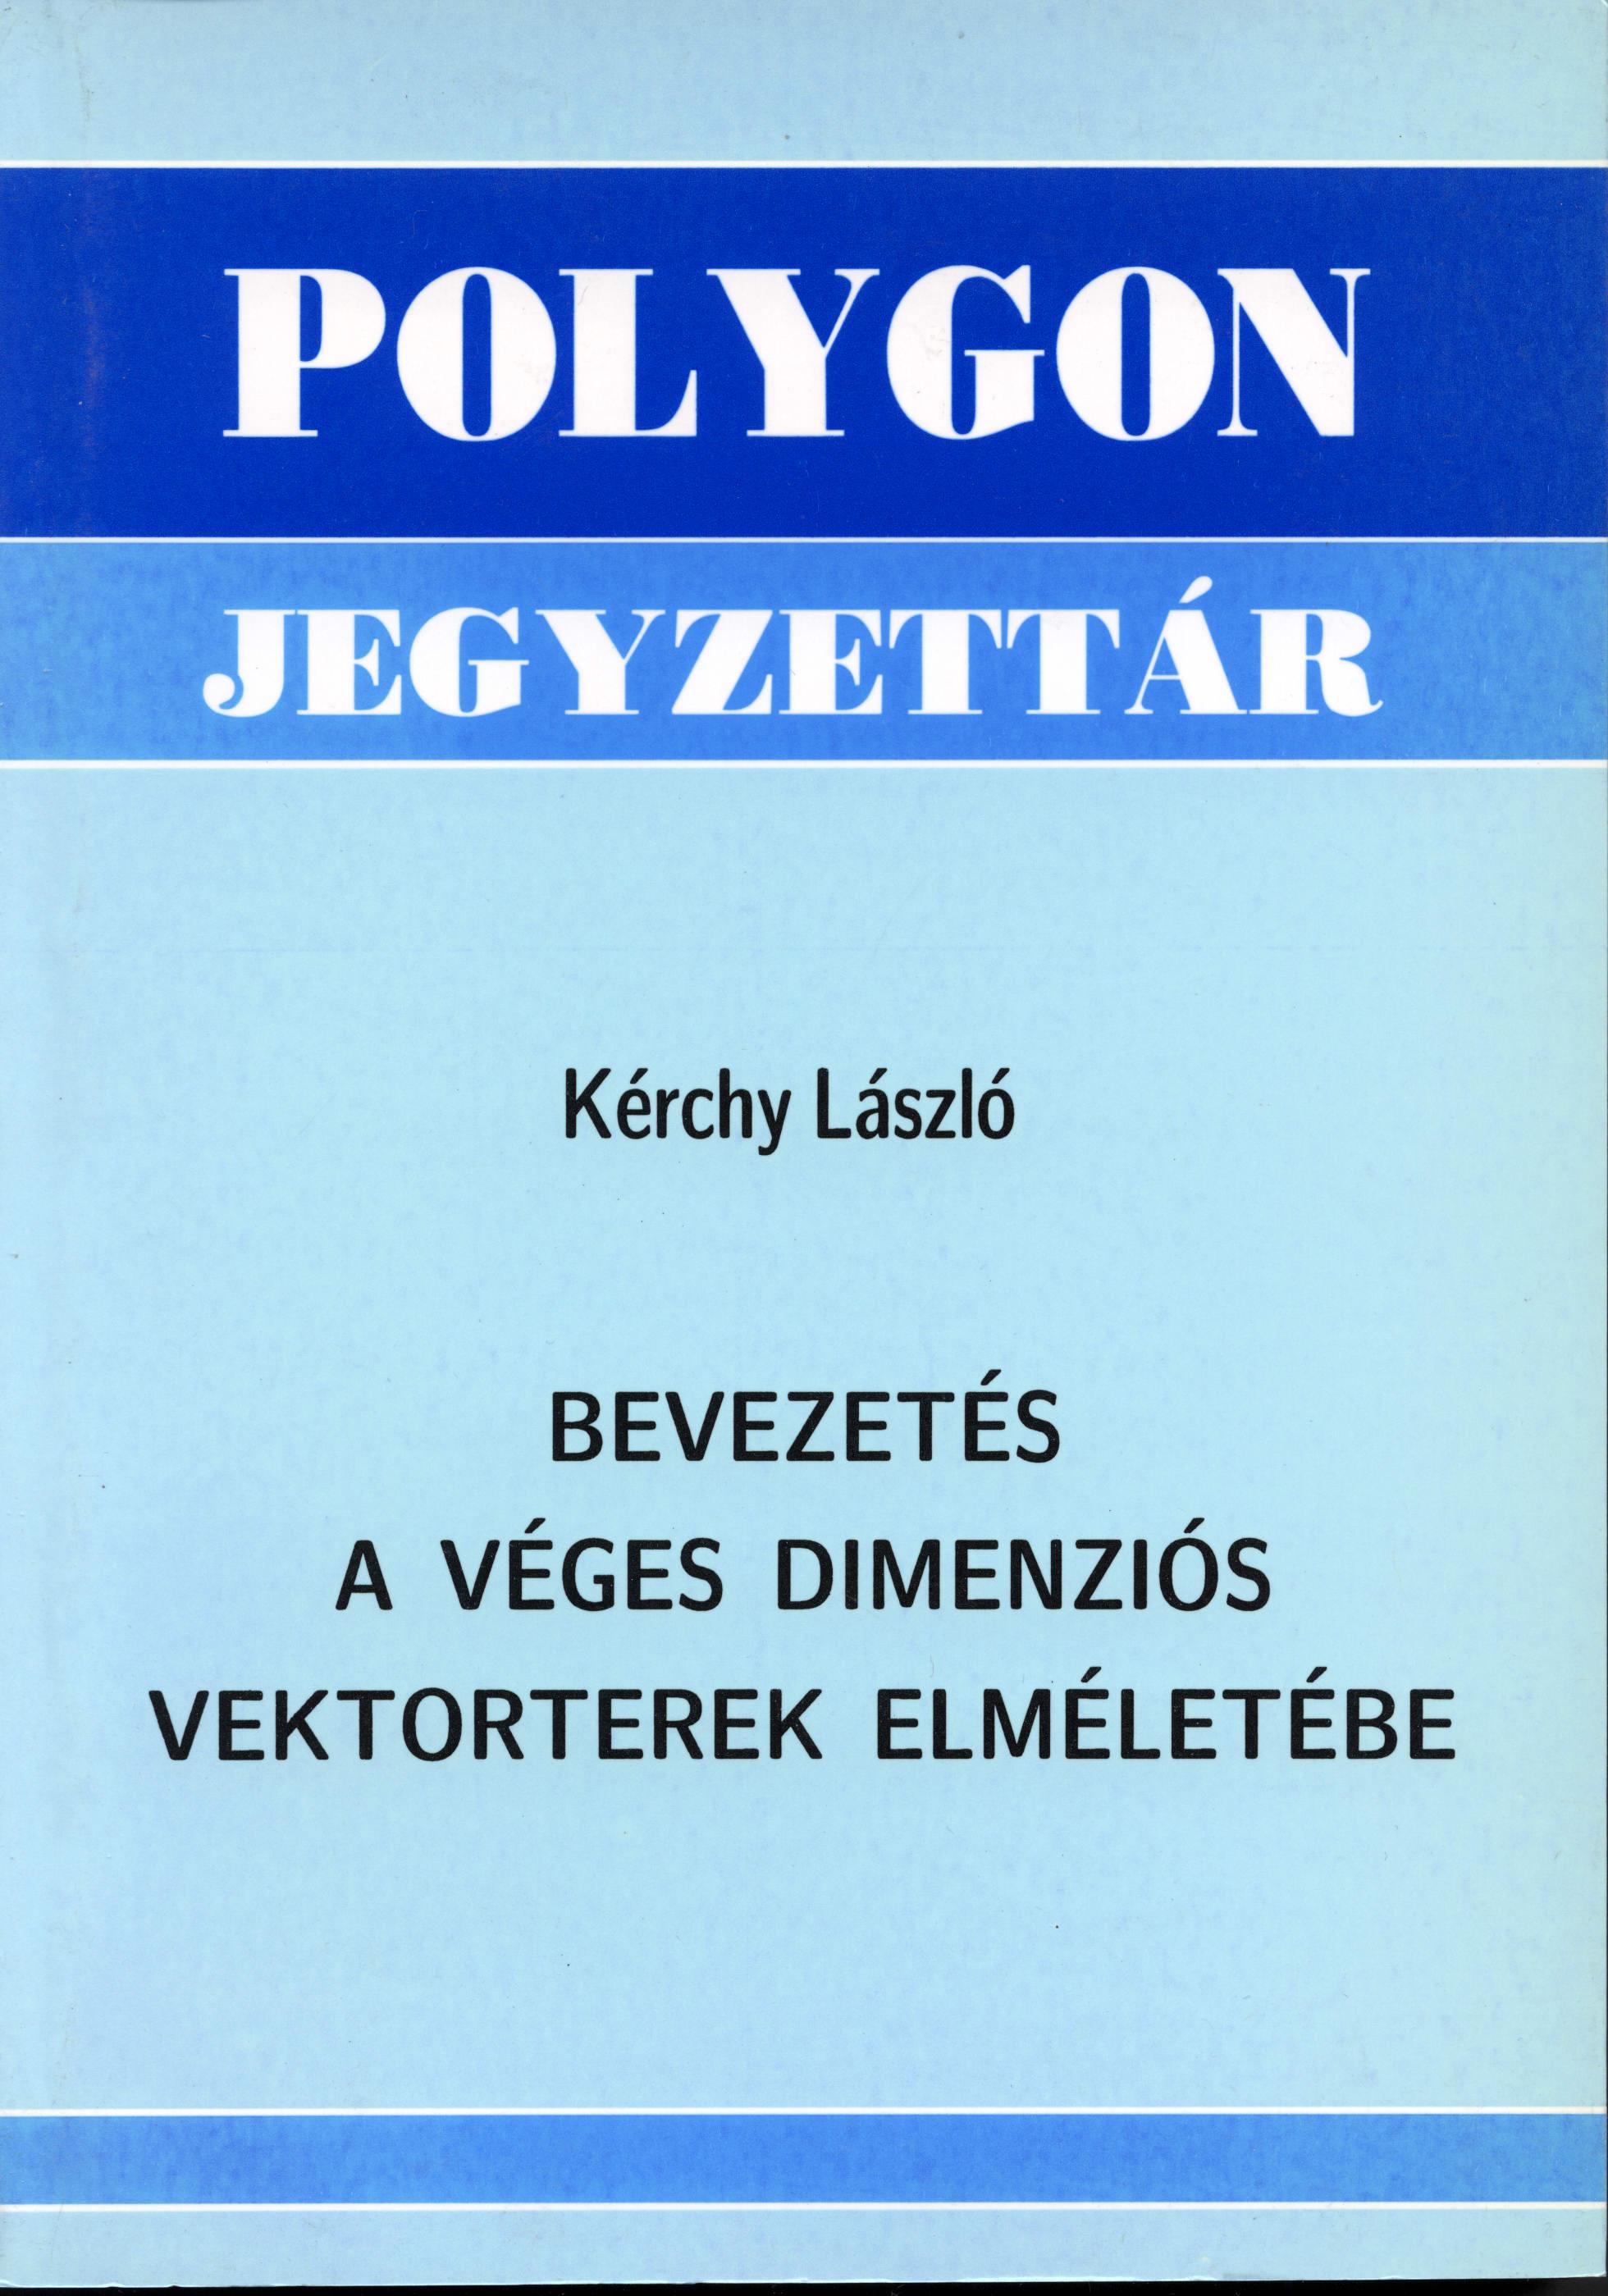 Bevezetés a véges dimenziós vektorterek elméletébe - Polygon jegyzet